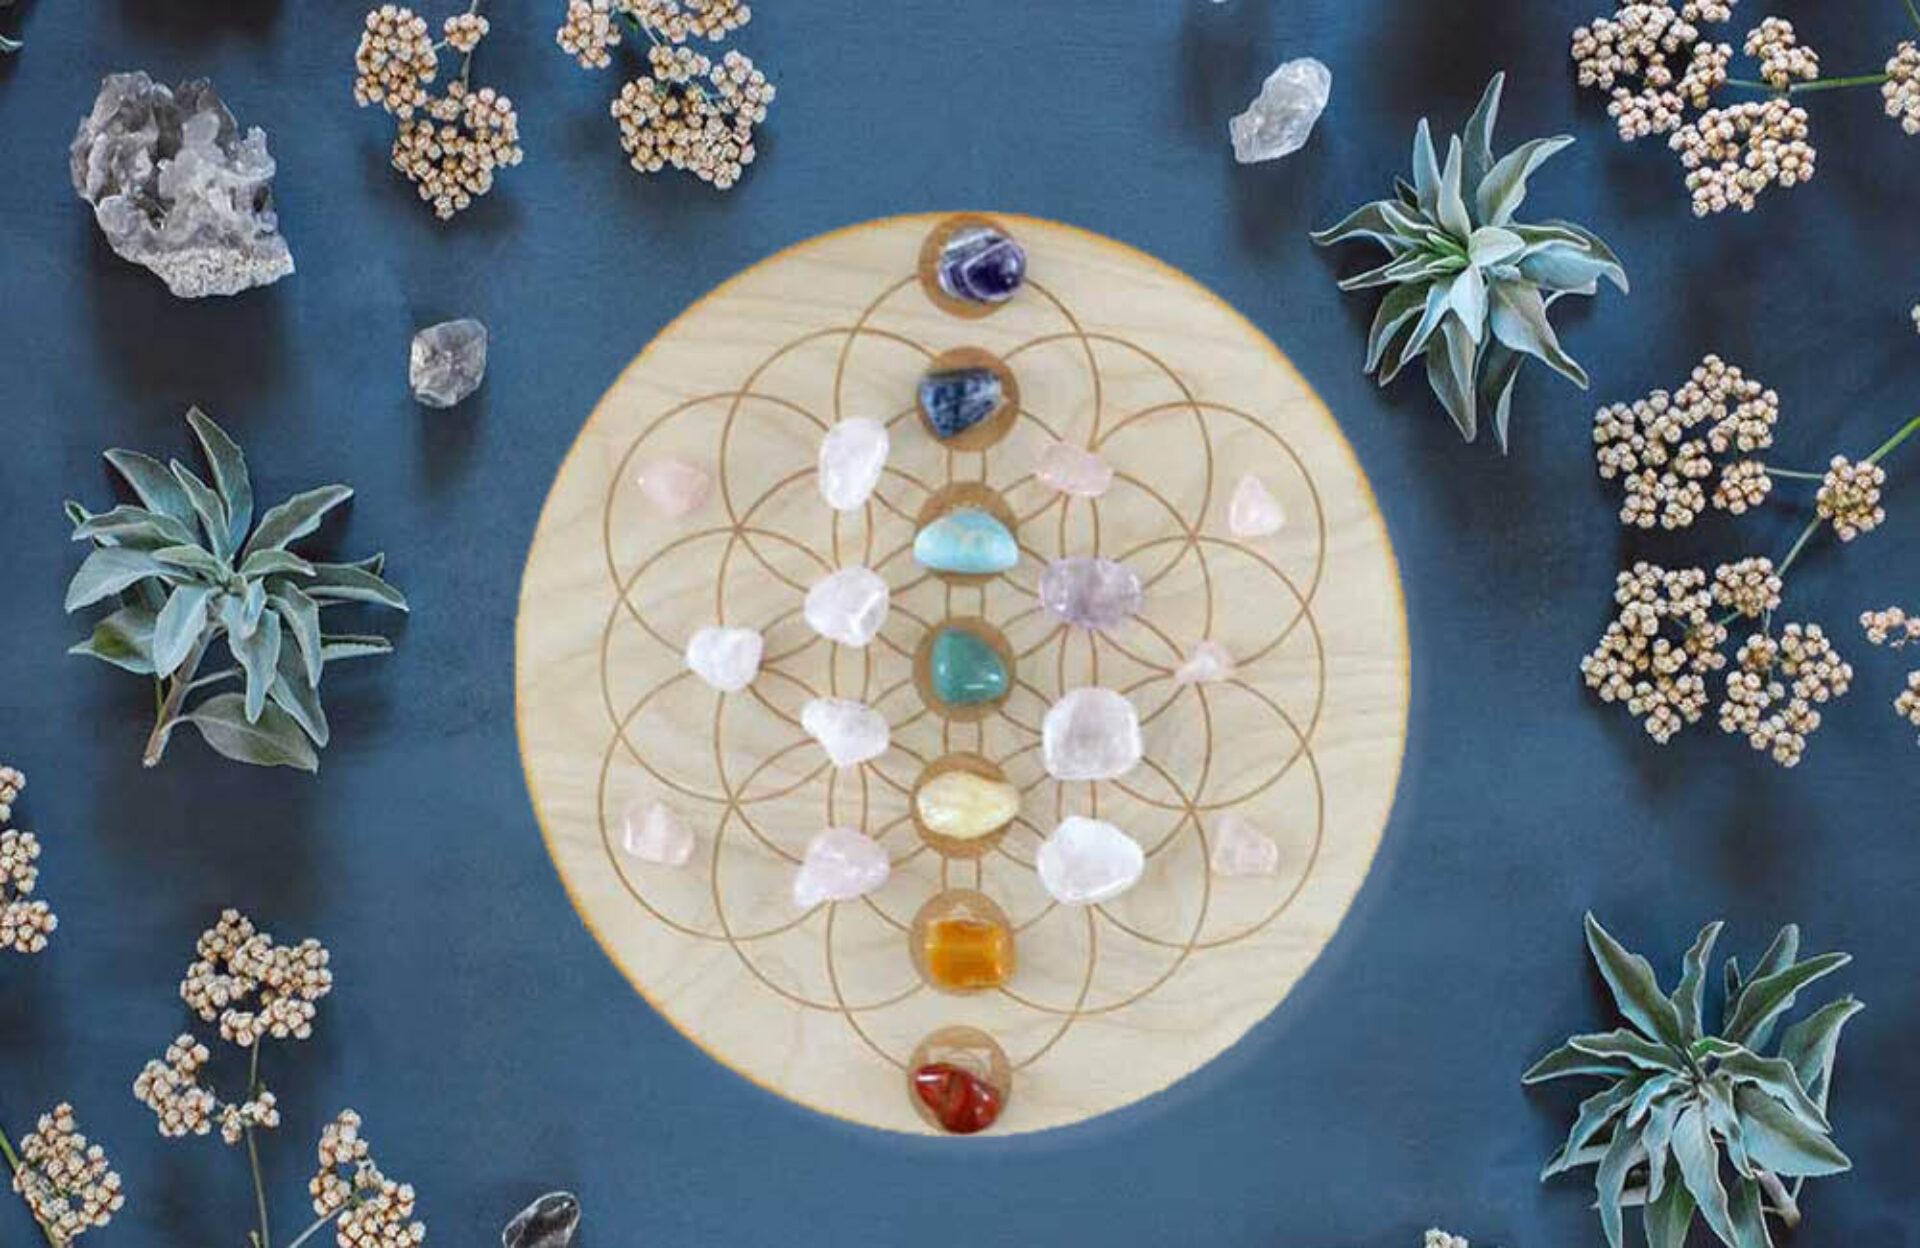 Crystal grids: een krachtige tool voor liefde, happiness en chakra's